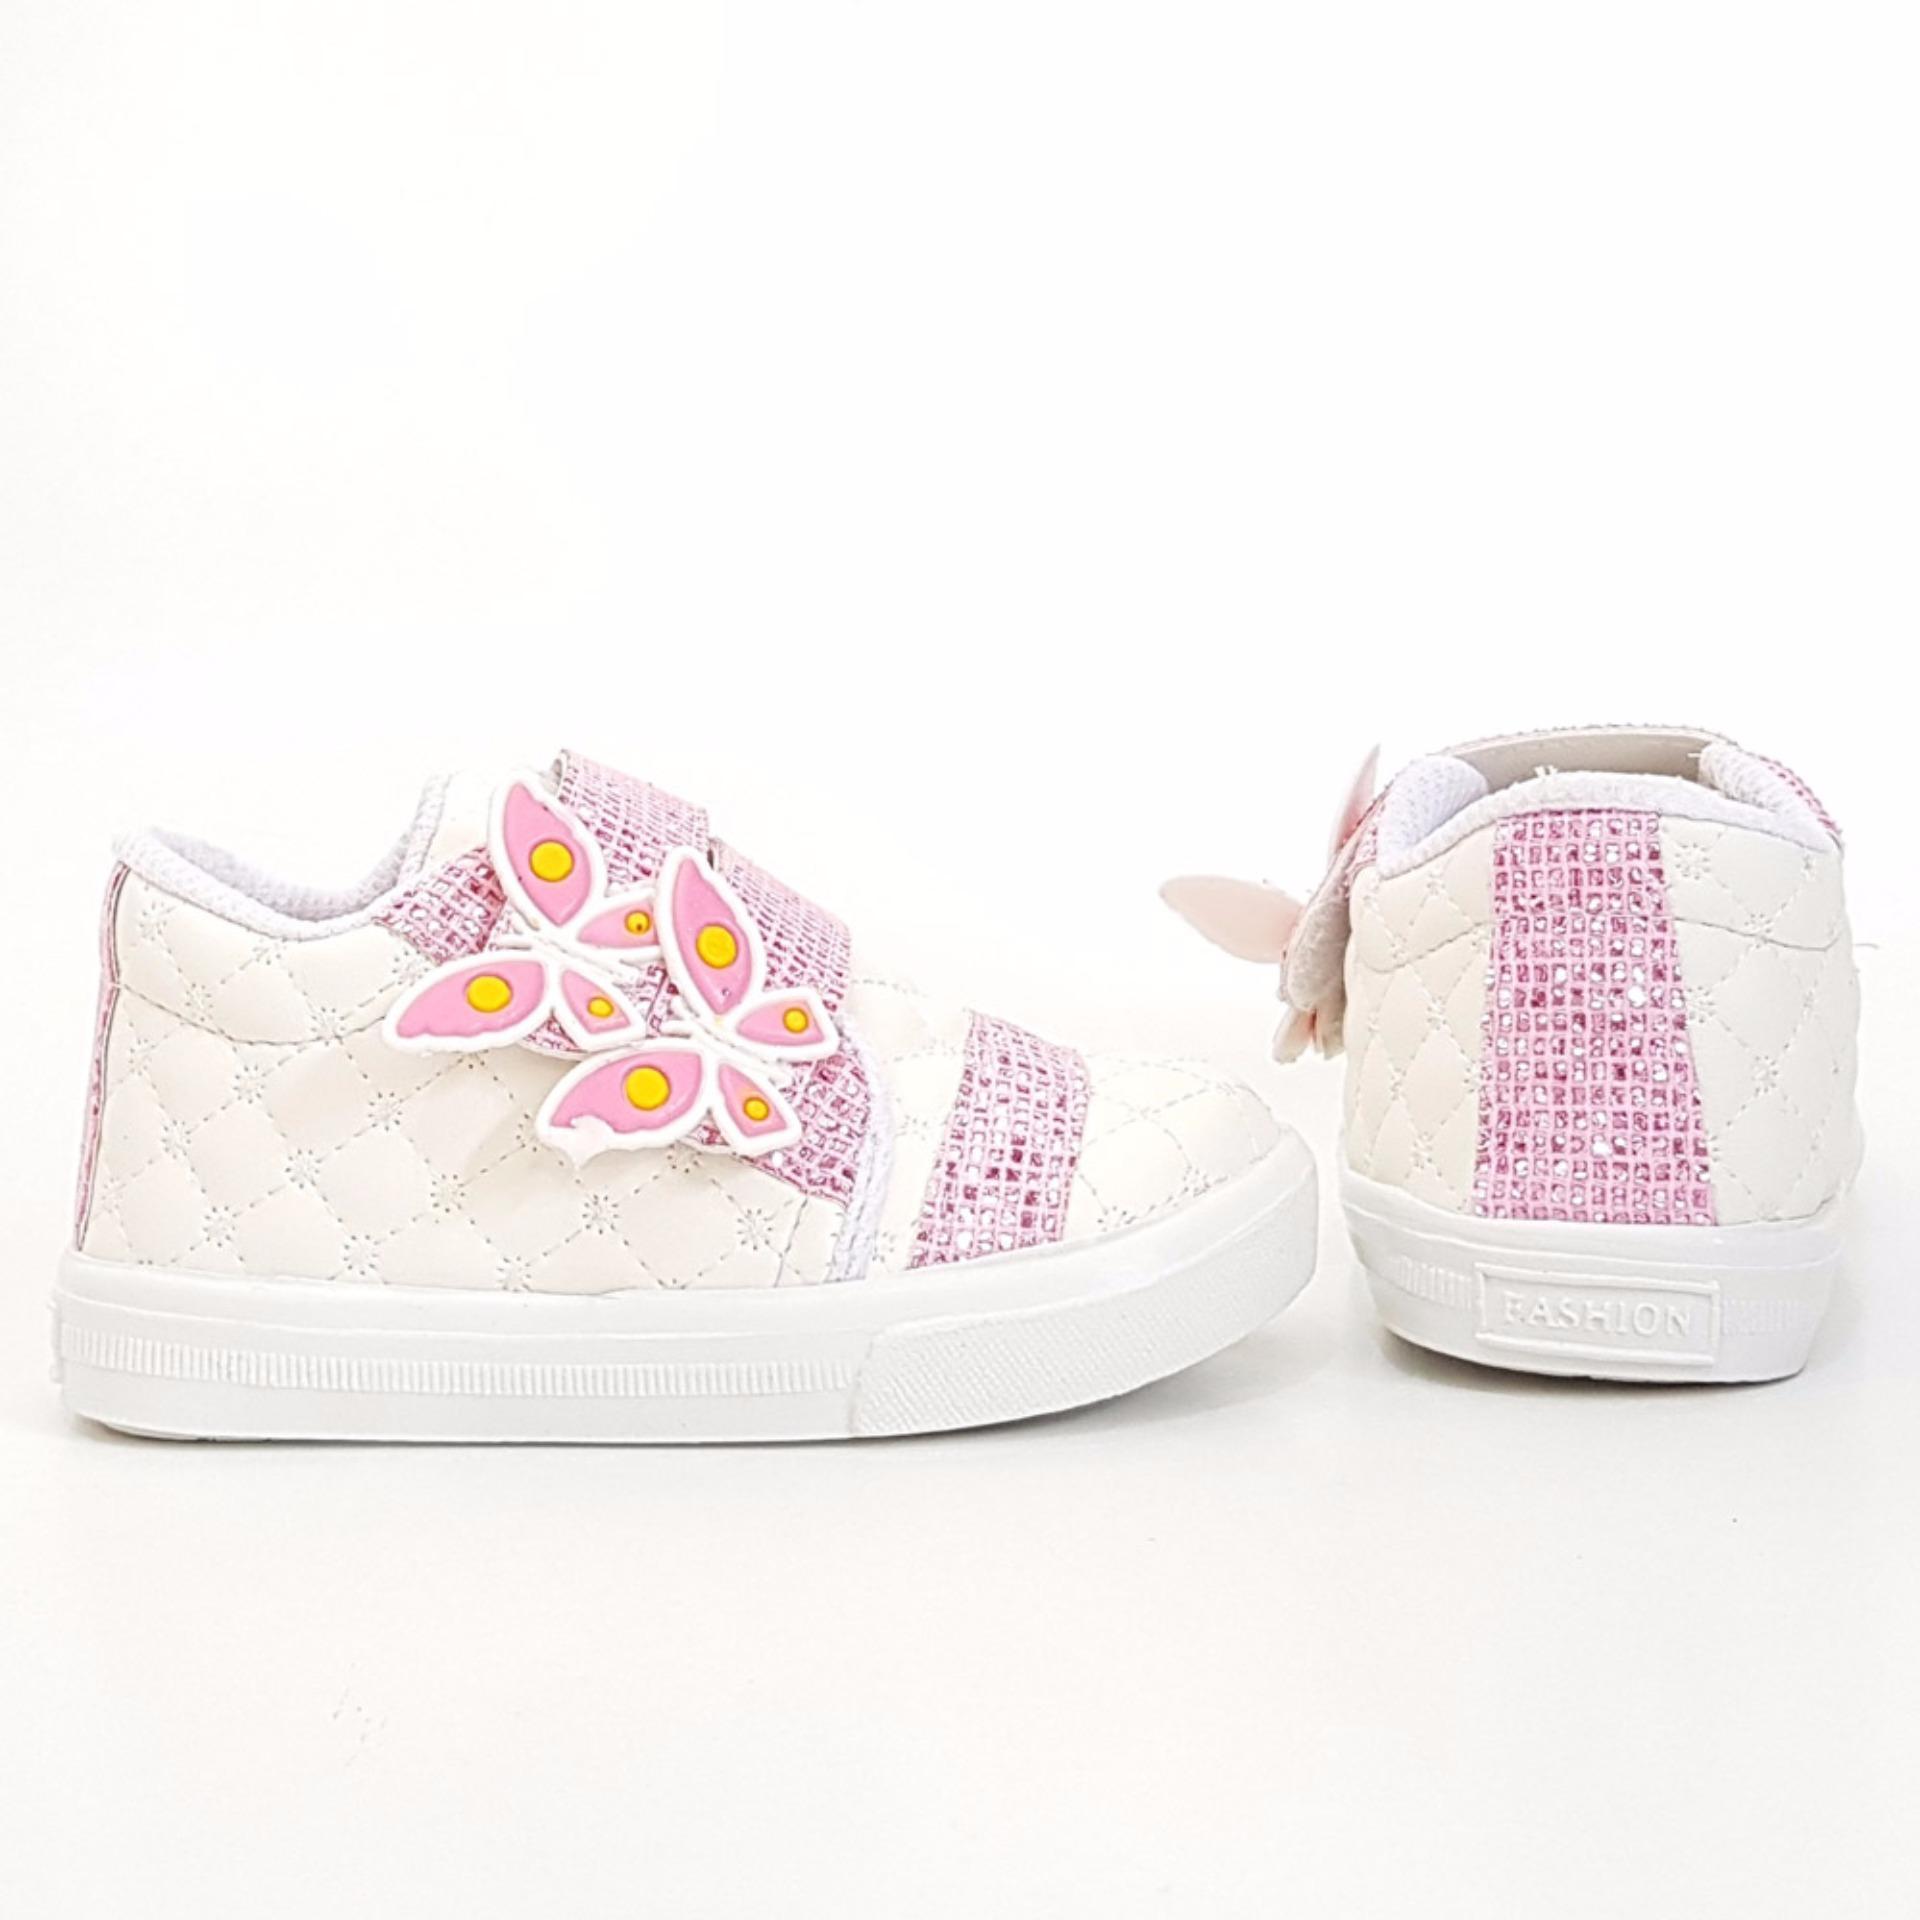 TrendiShoes Sepatu Anak Perempuan KPWJ - Putih Pink .